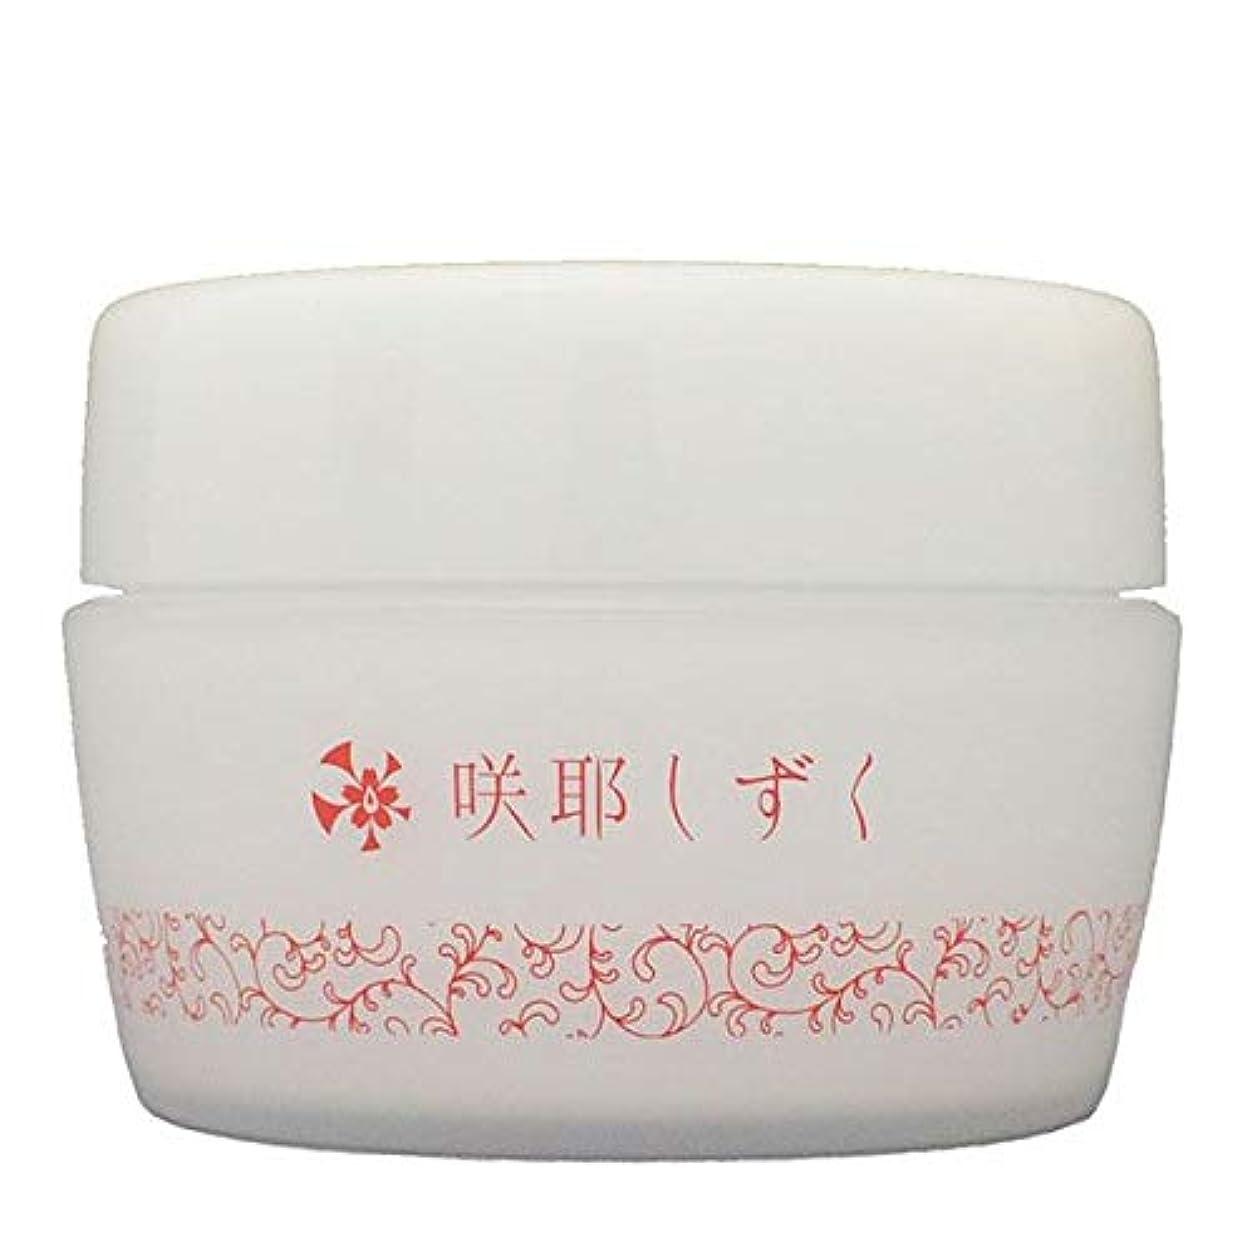 くぼみましい歌う咲耶しずく クリーム 乾燥肌 さくやしずく 敏感肌 エムズジャパン M's Japan ms-sge01